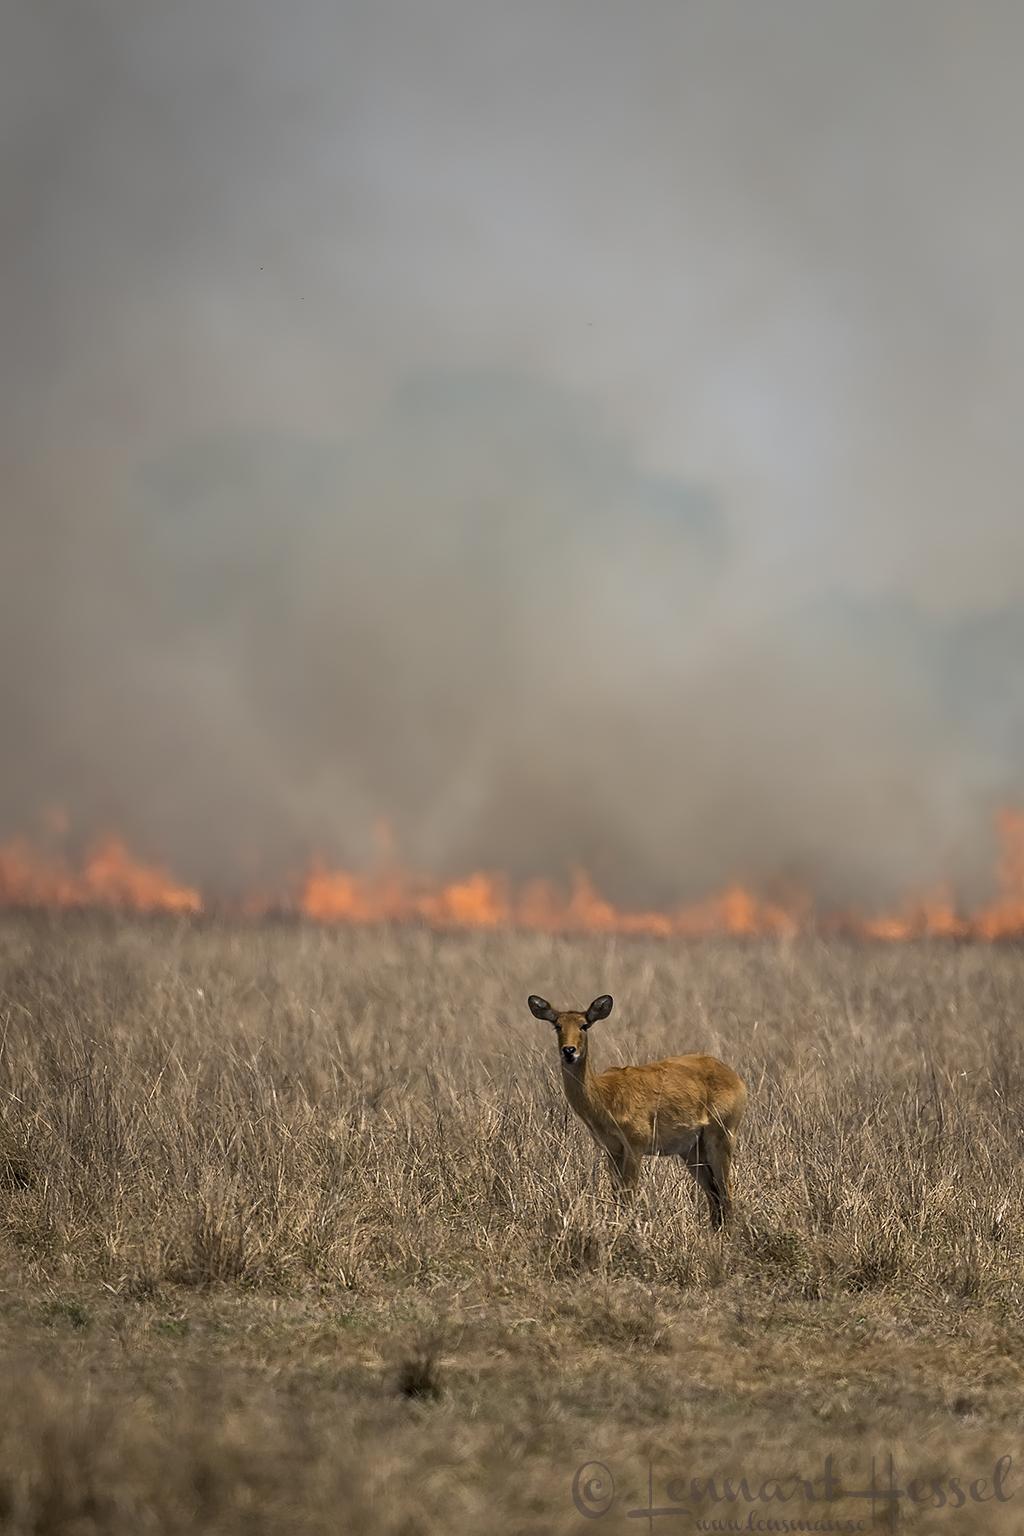 Puku and bush fire Kafue National Park